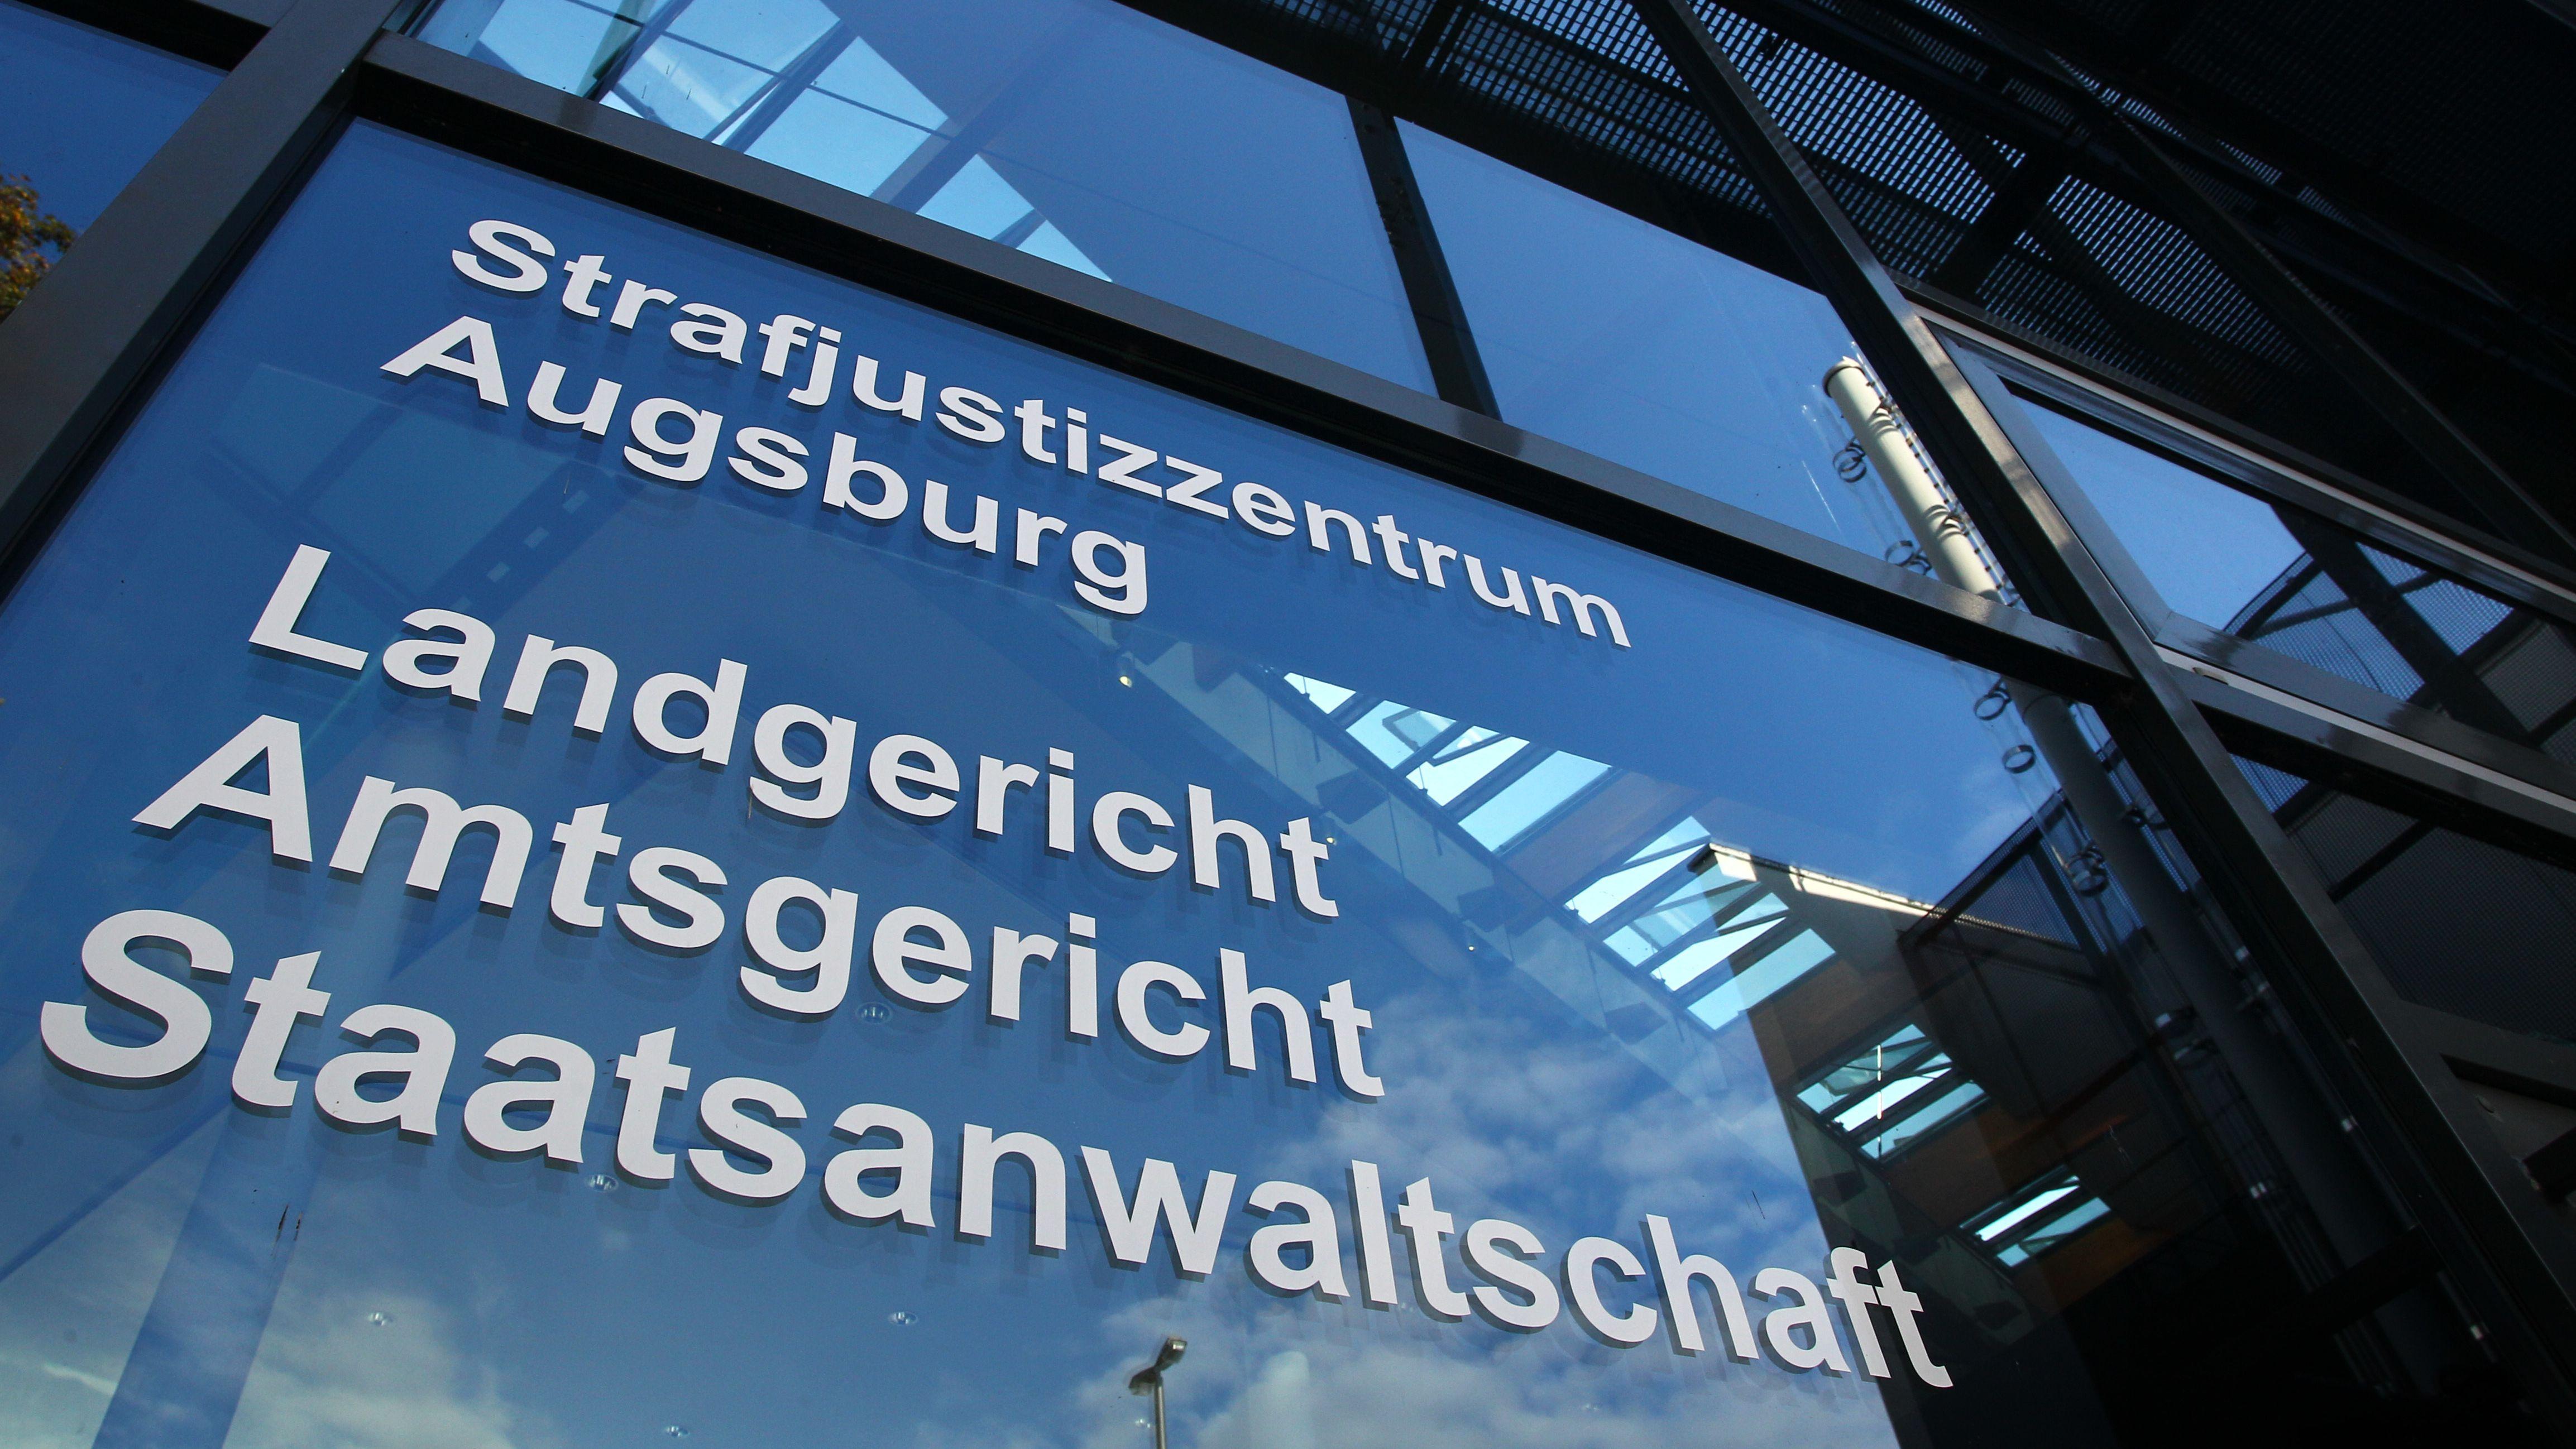 Schriftzug an Gebäude: Strafjustizzentrum Augsburg, Landgericht, Amtsgericht, Staatsanwaltschaft